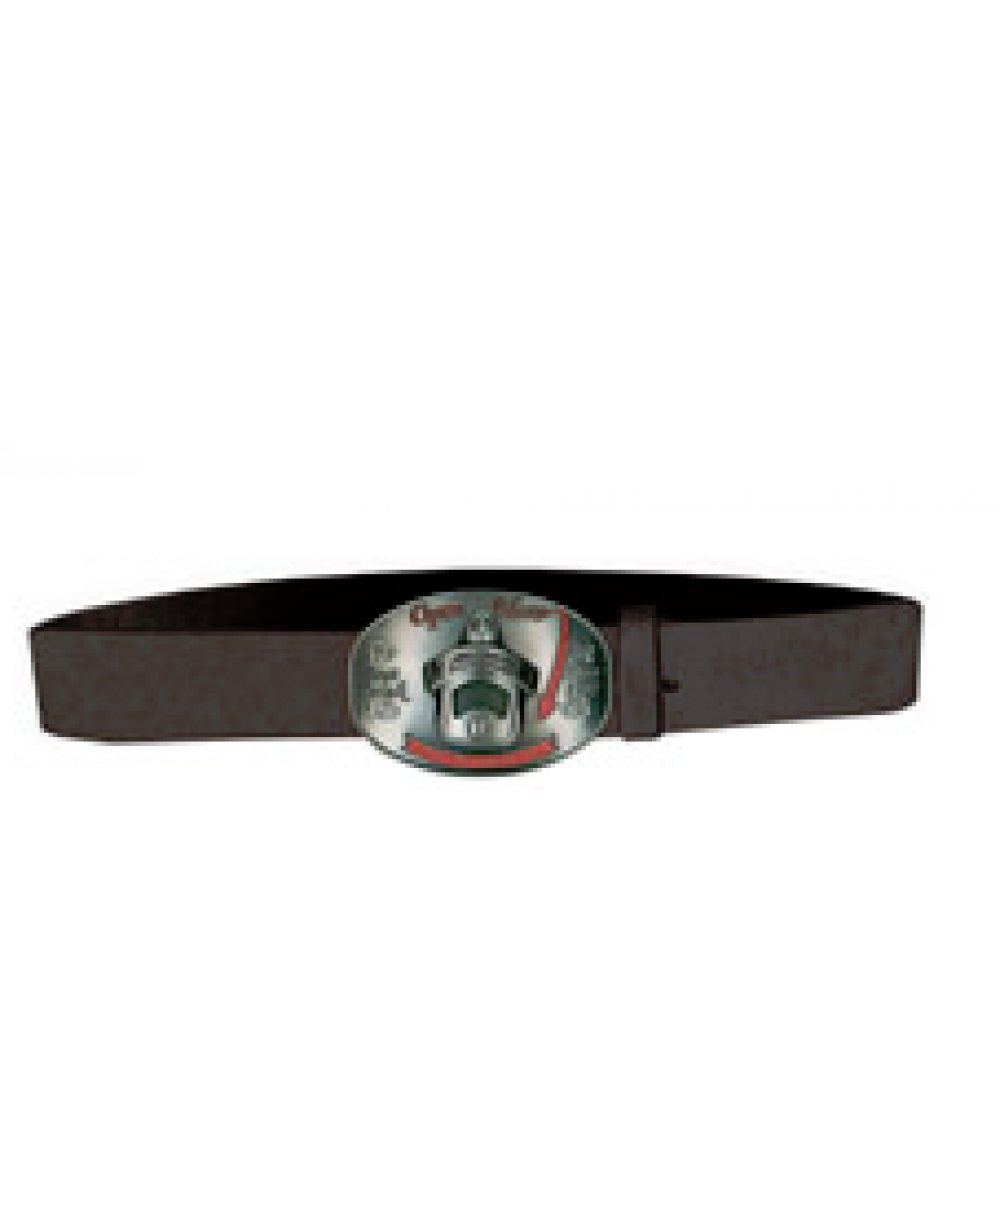 bottle opener belt buckle and leather belt. Black Bedroom Furniture Sets. Home Design Ideas